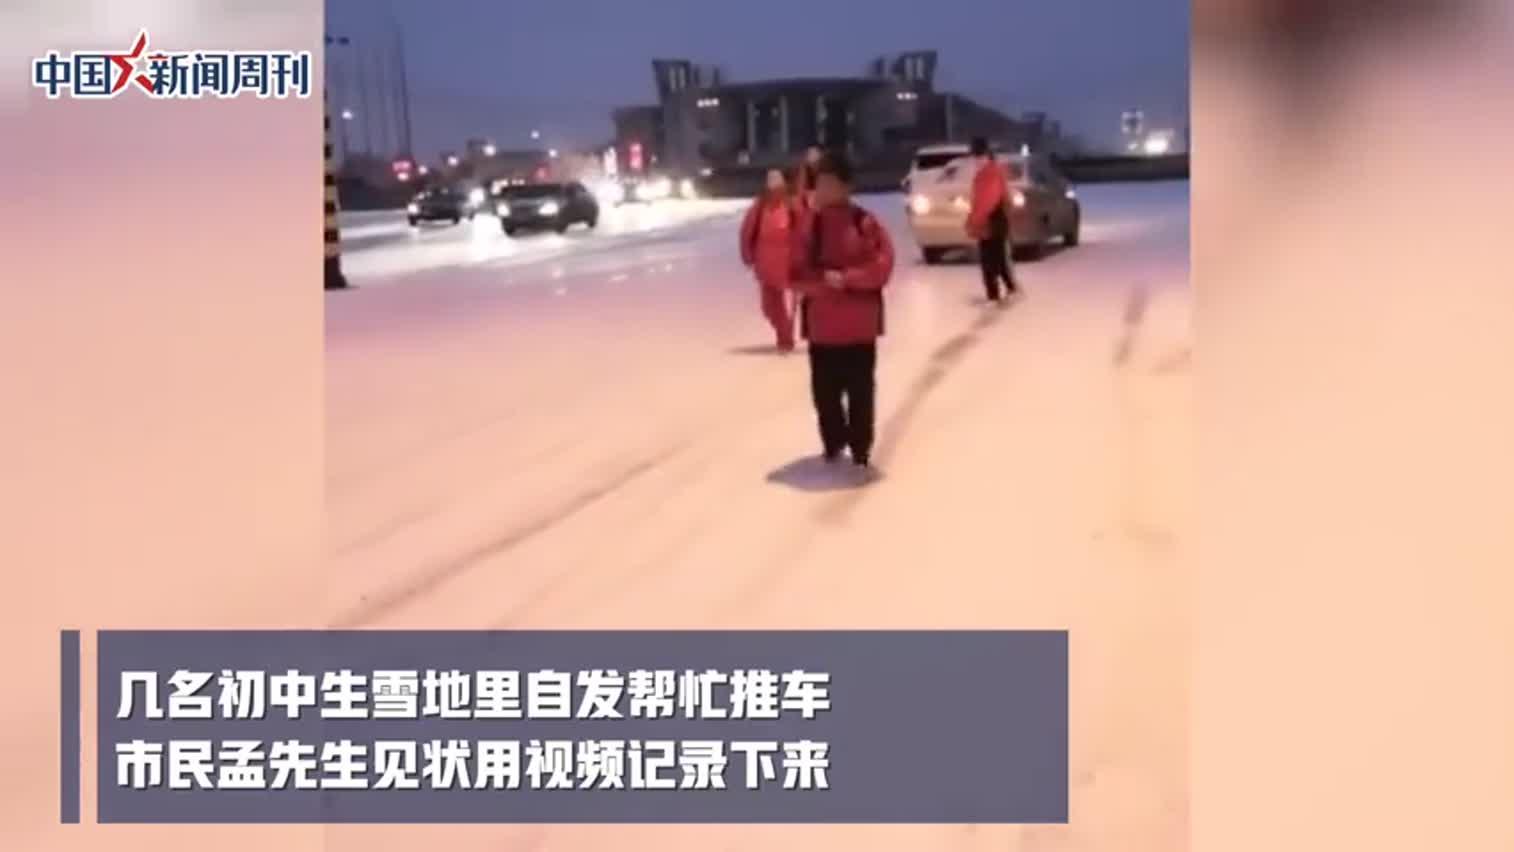 视频:暖!几名中学生雪地帮推车一小时 还不留名